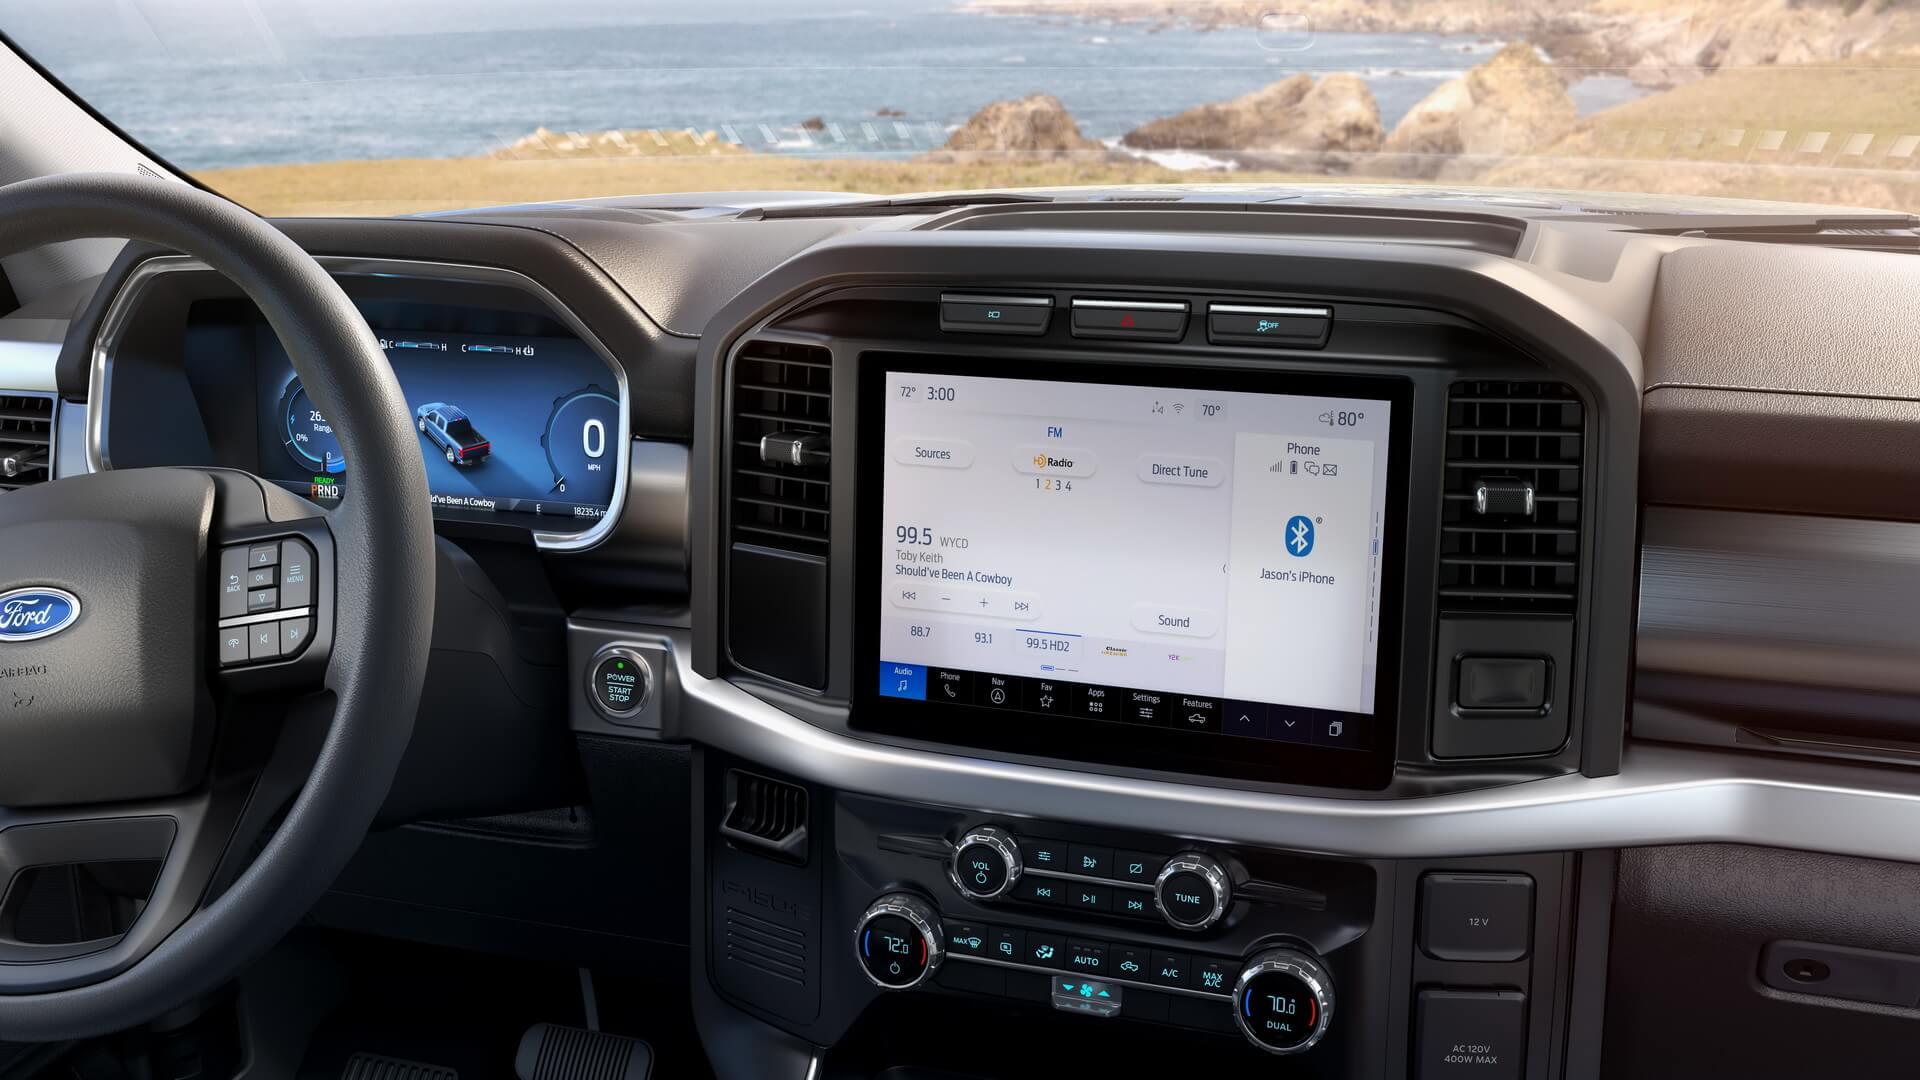 Ford F-150 Lightning Pro предлагает интеллектуальные средства телематики и сбора данных для управления автопарком